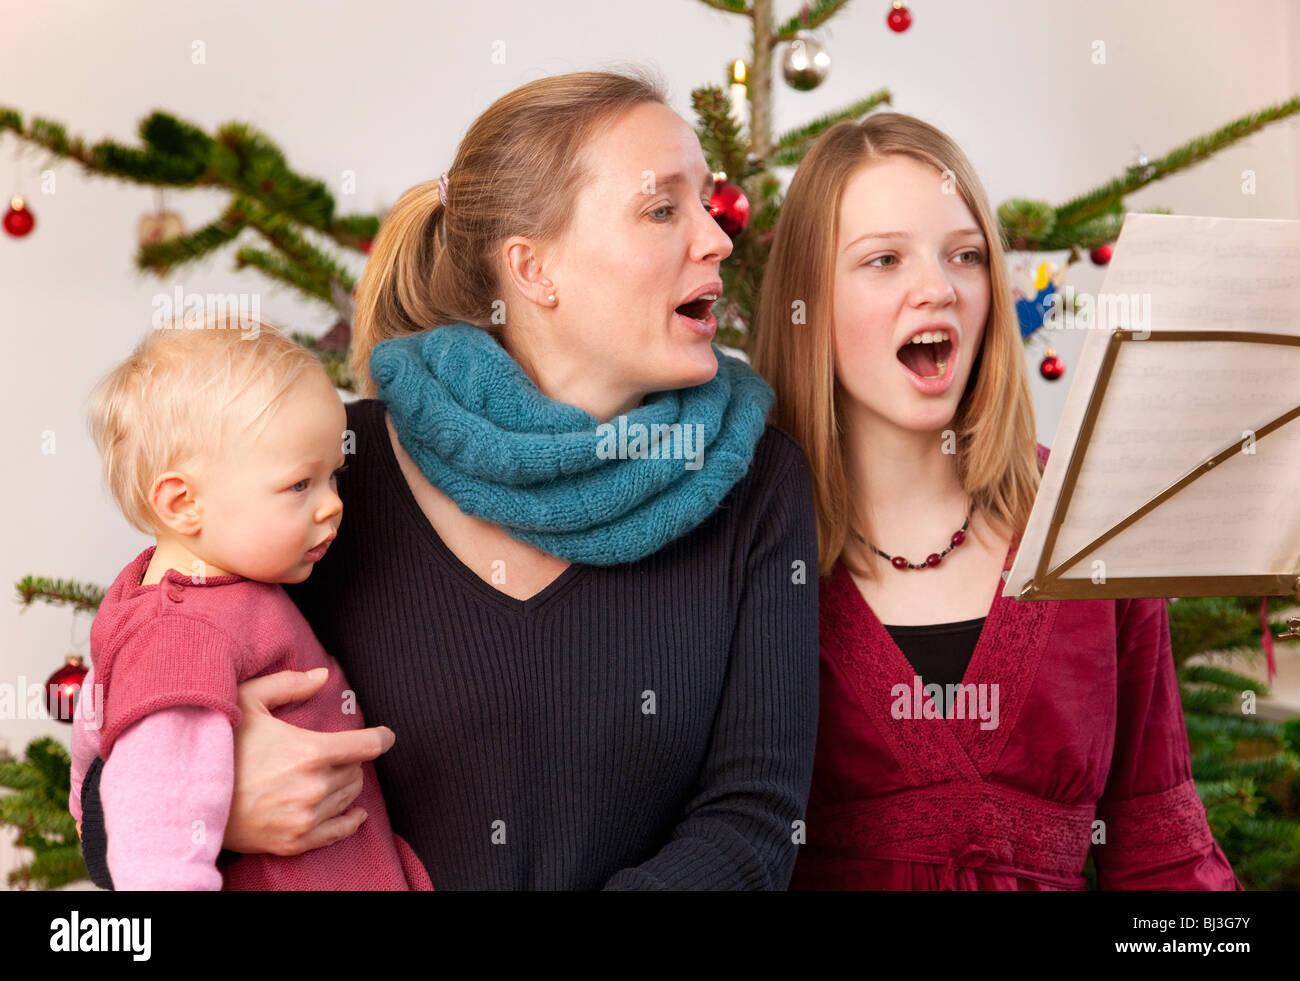 Weihnachtslieder Zum Singen.Mutter Tochter Baby Singen Weihnachtslieder Stockfoto Bild